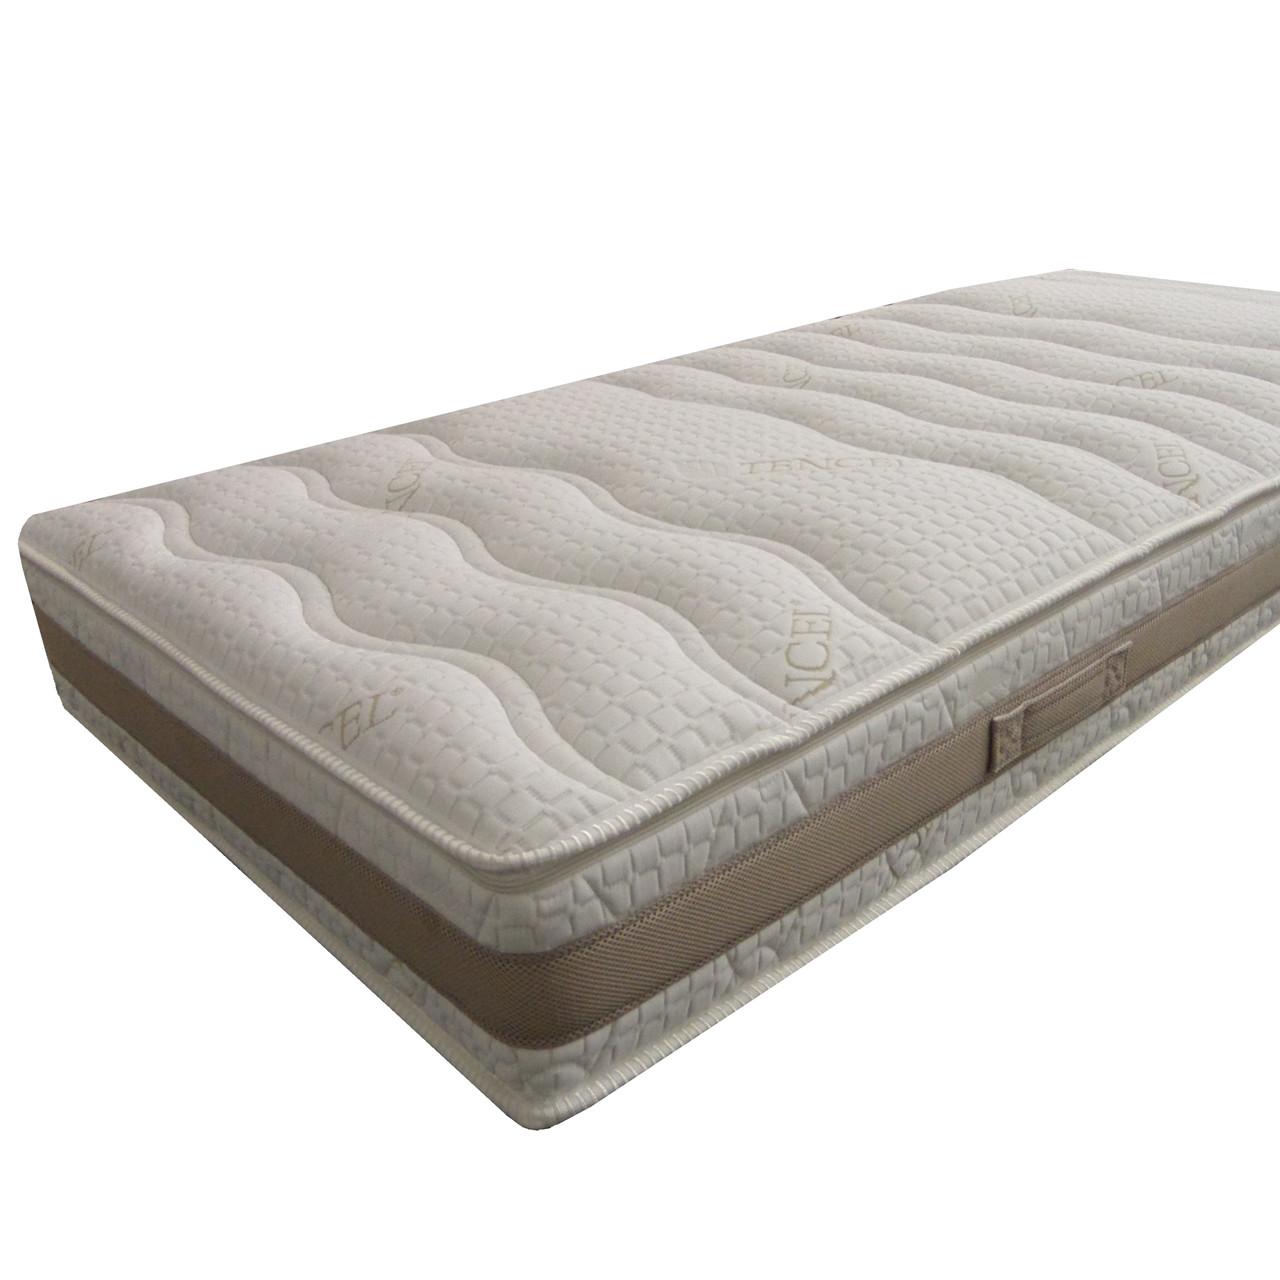 senge madrasser madras, køb madrasser til seng online her senge madrasser